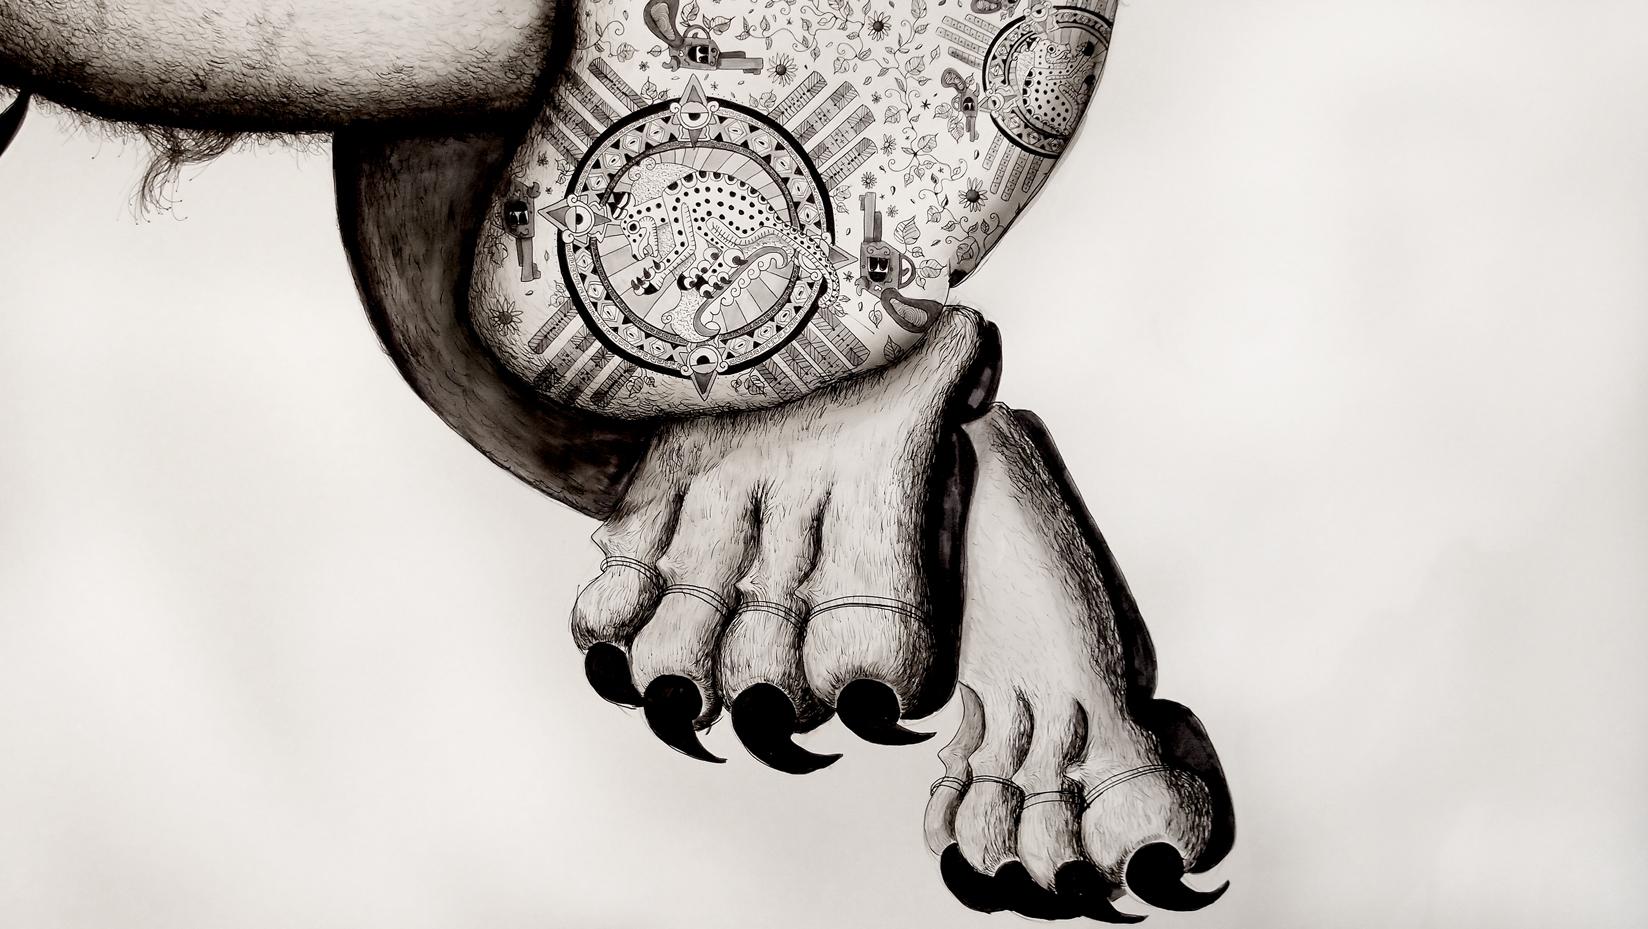 OCCELOTL (DETAIL)